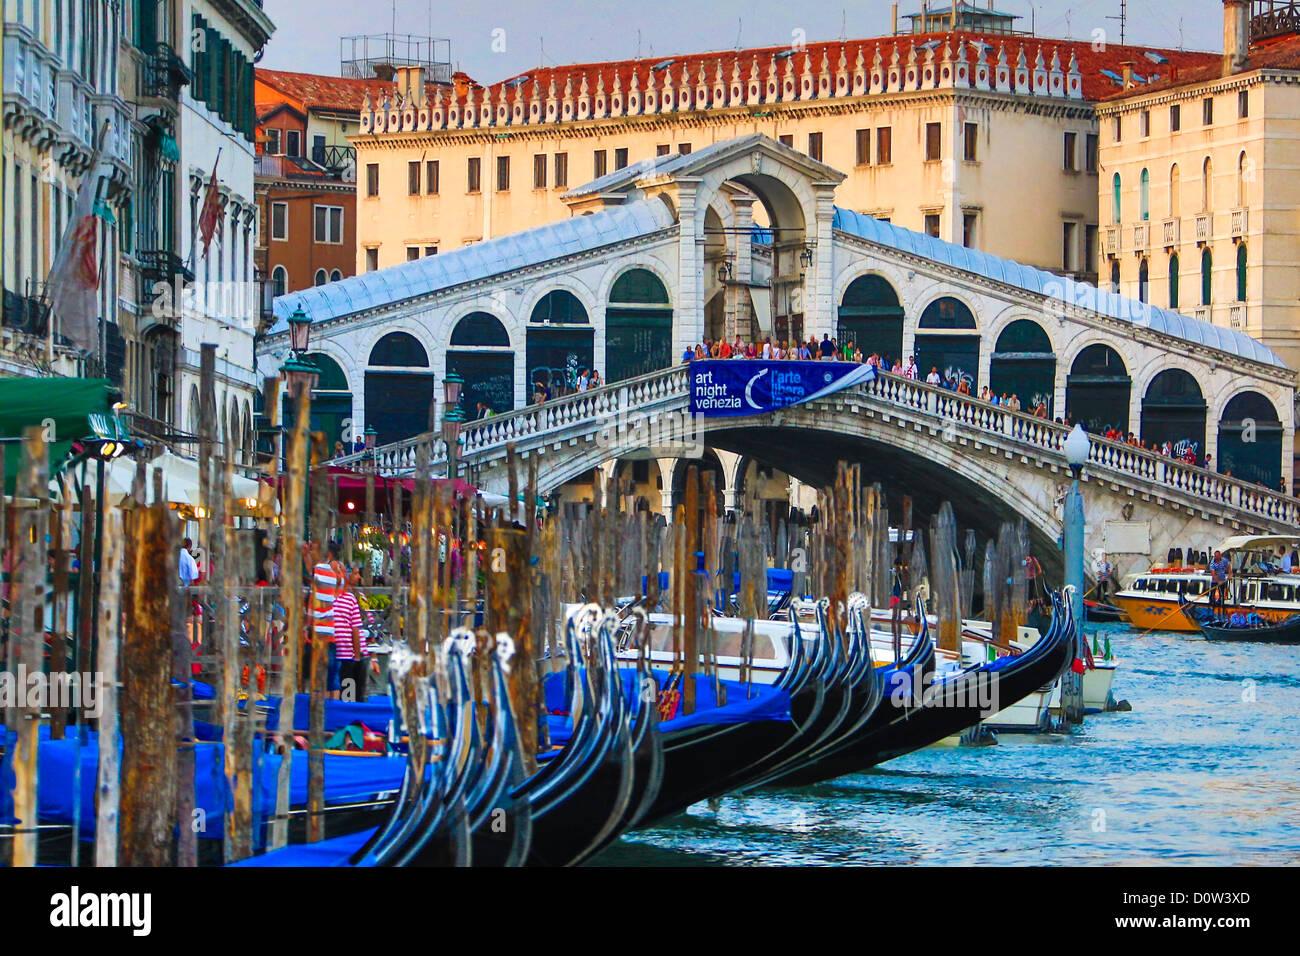 Italien, Europa, Reisen, Venedig, Rialto, Brücke, Architektur, Boote, Kanal, Farben, Gondeln, Canal Grande, Stockbild